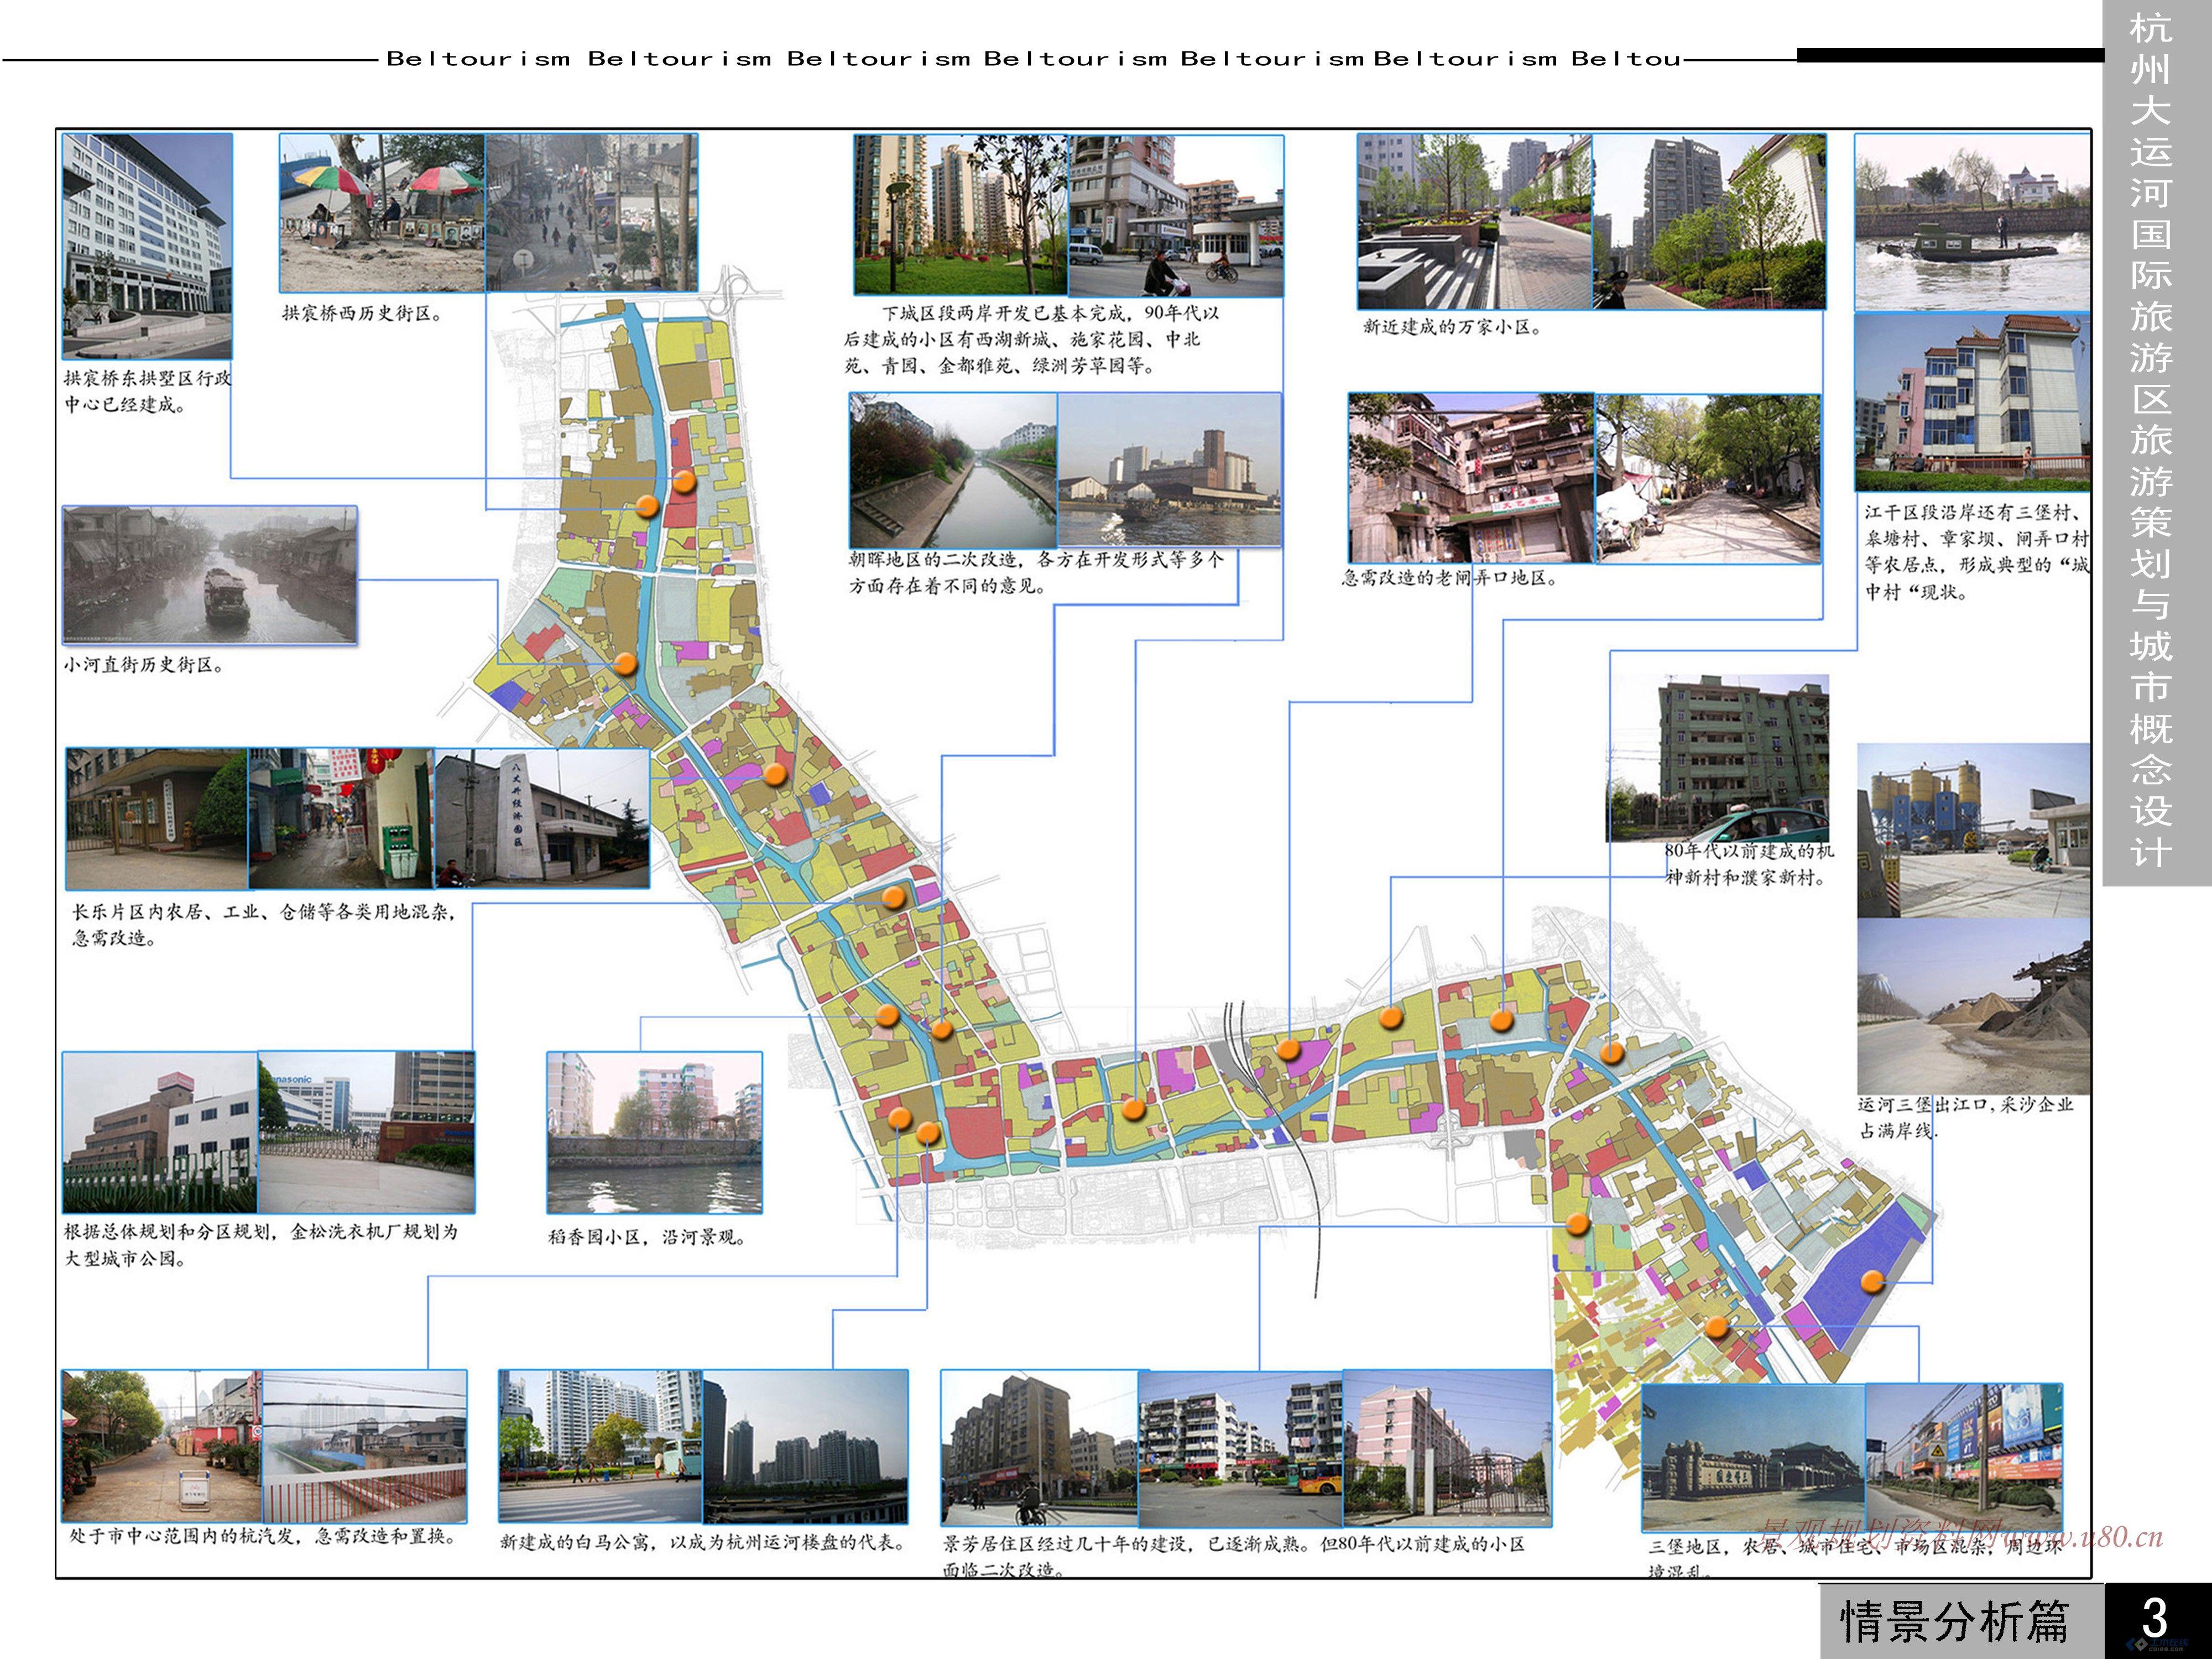 杭州大运河国际旅游区旅游策划与城市概念设计文本